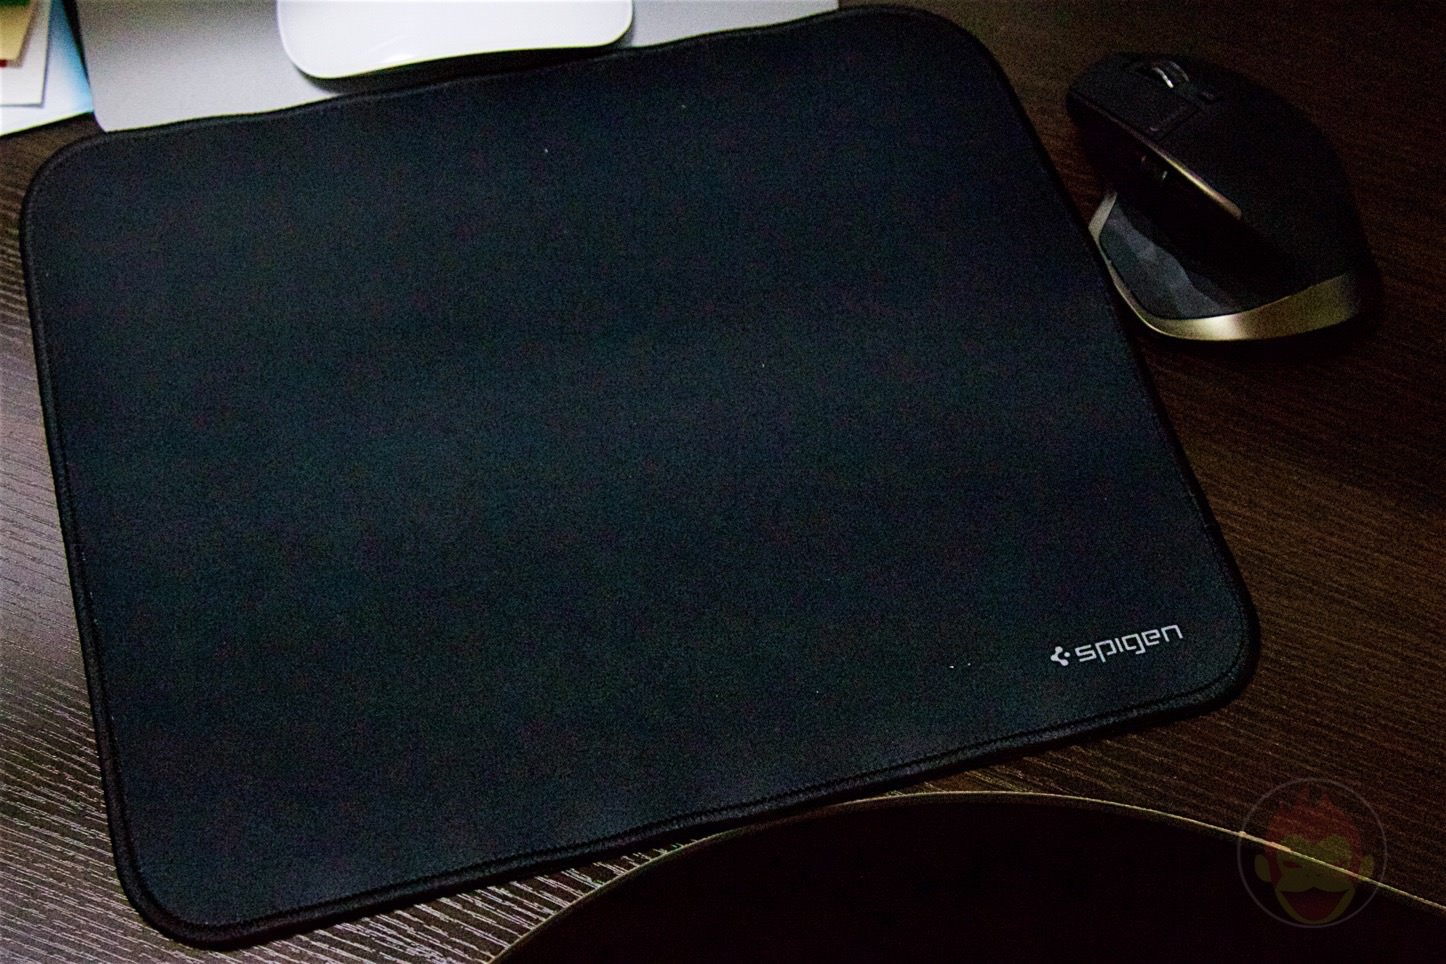 Spigen Mouse Pad A100